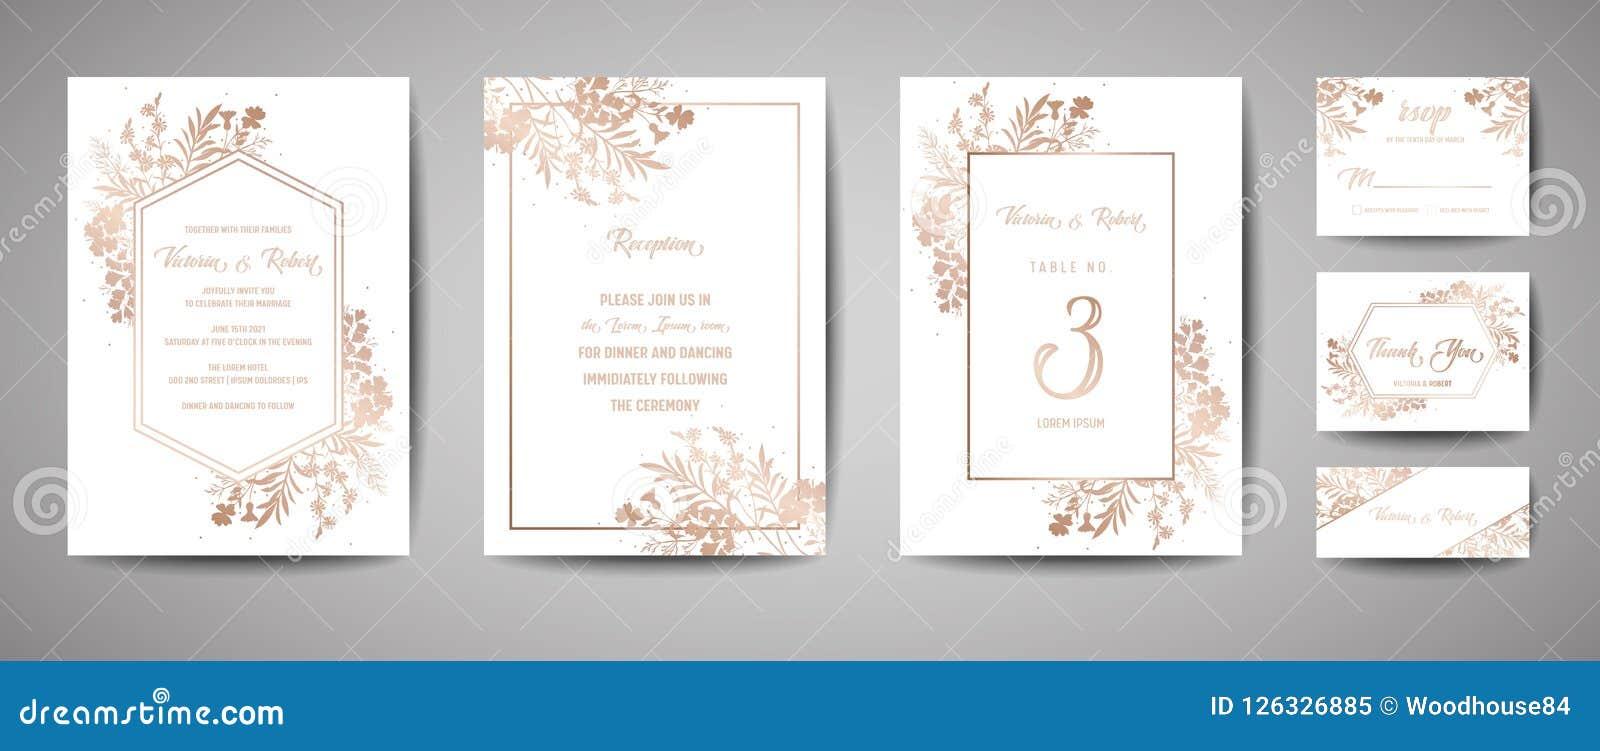 Luxushochzeits-Abwehr das Datum, Einladungs-Marine-Karten-Sammlung mit modischer Abdeckung der Goldfolien-Blumen und der Blätter